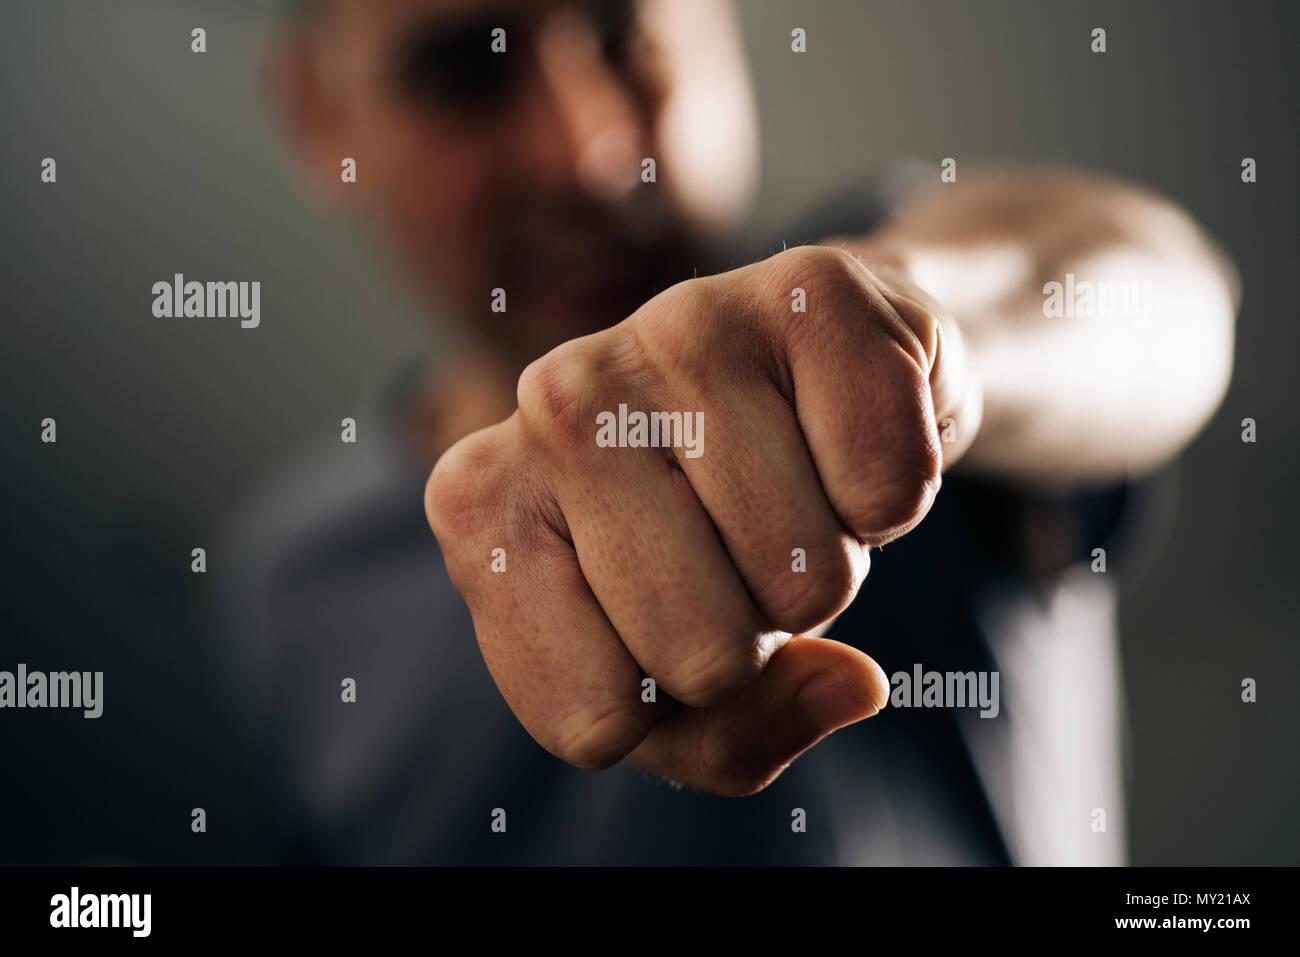 Primo piano di un giovane uomo caucasico gettando un punzone per l'osservatore, con un effetto drammatico Immagini Stock